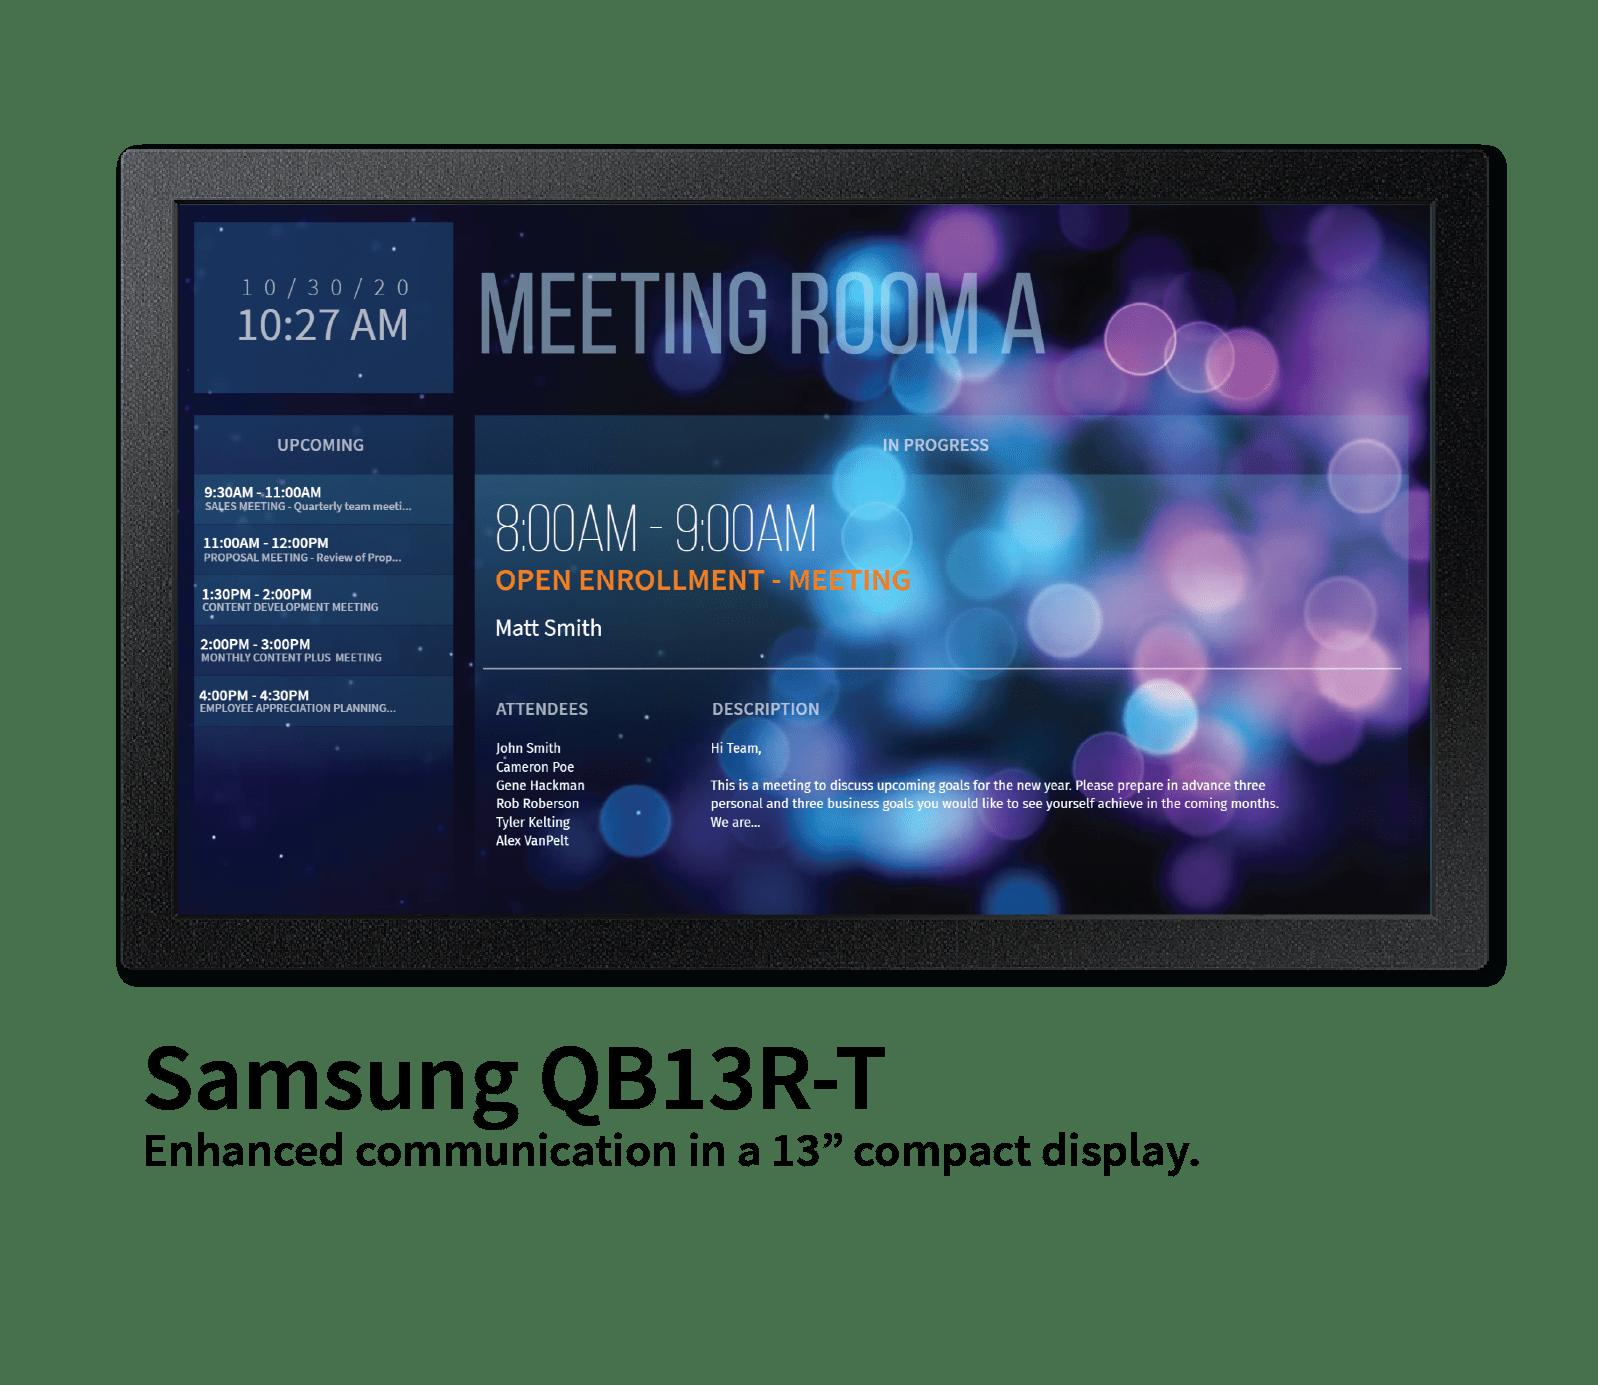 Samsung QB13RT